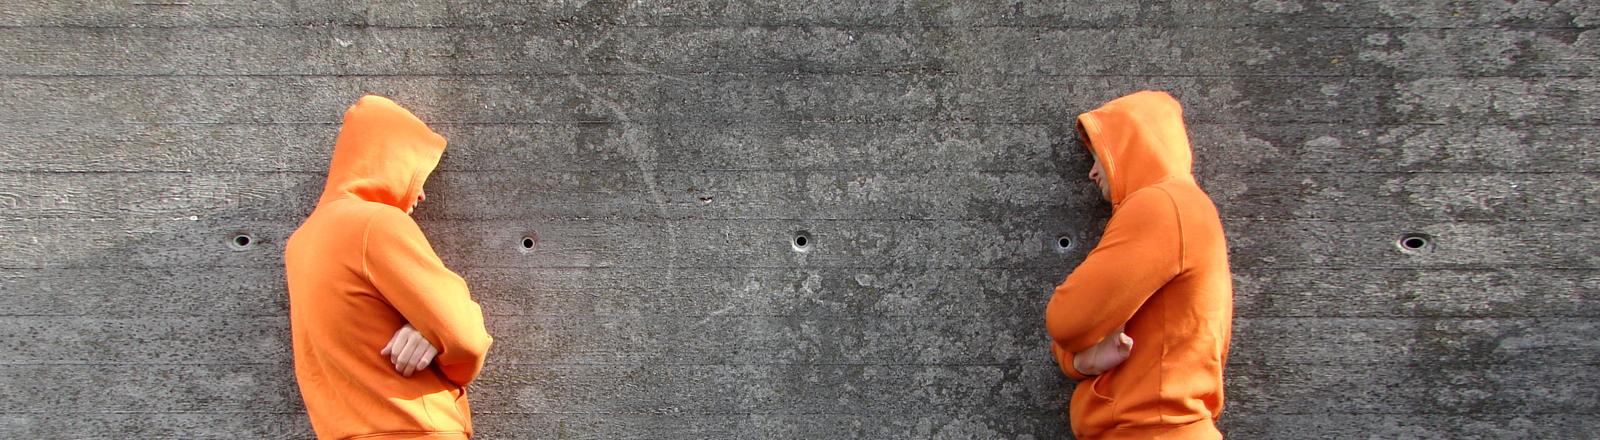 Zwei Männer stehen an einer Wand und haben Streit